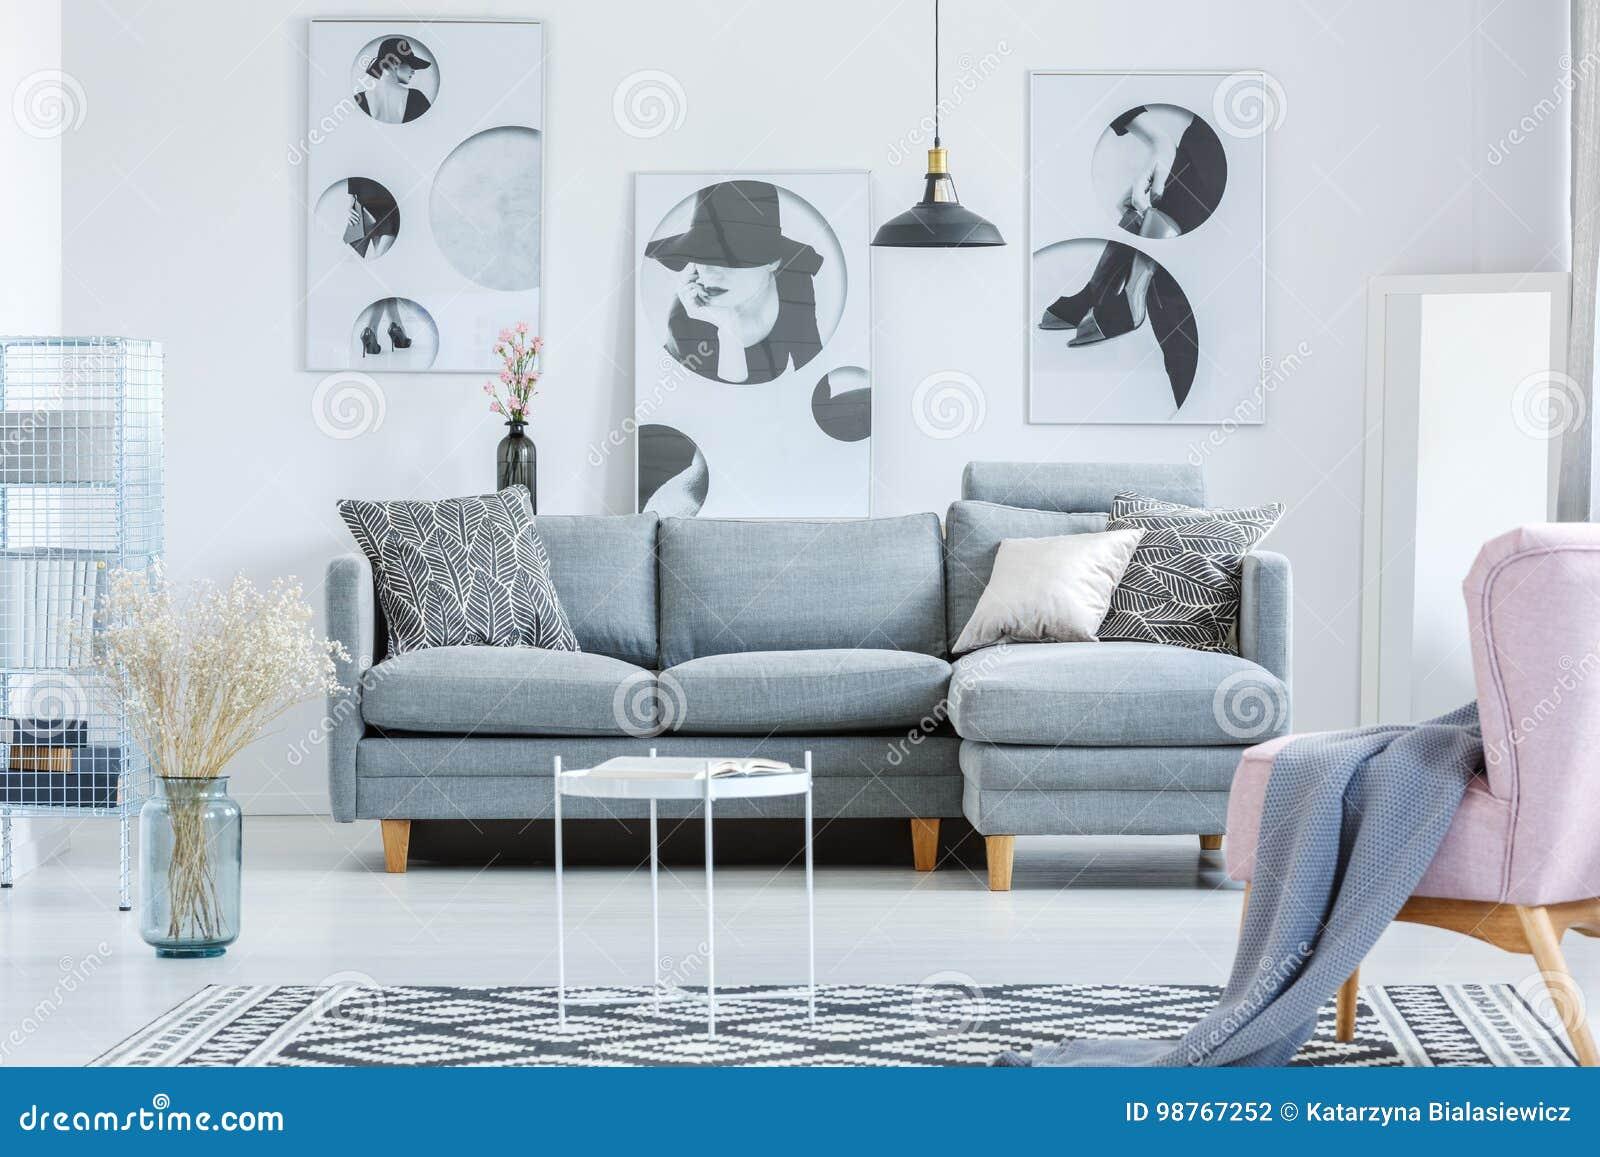 Salon Simple Avec Des Peintures Photo stock - Image du ...